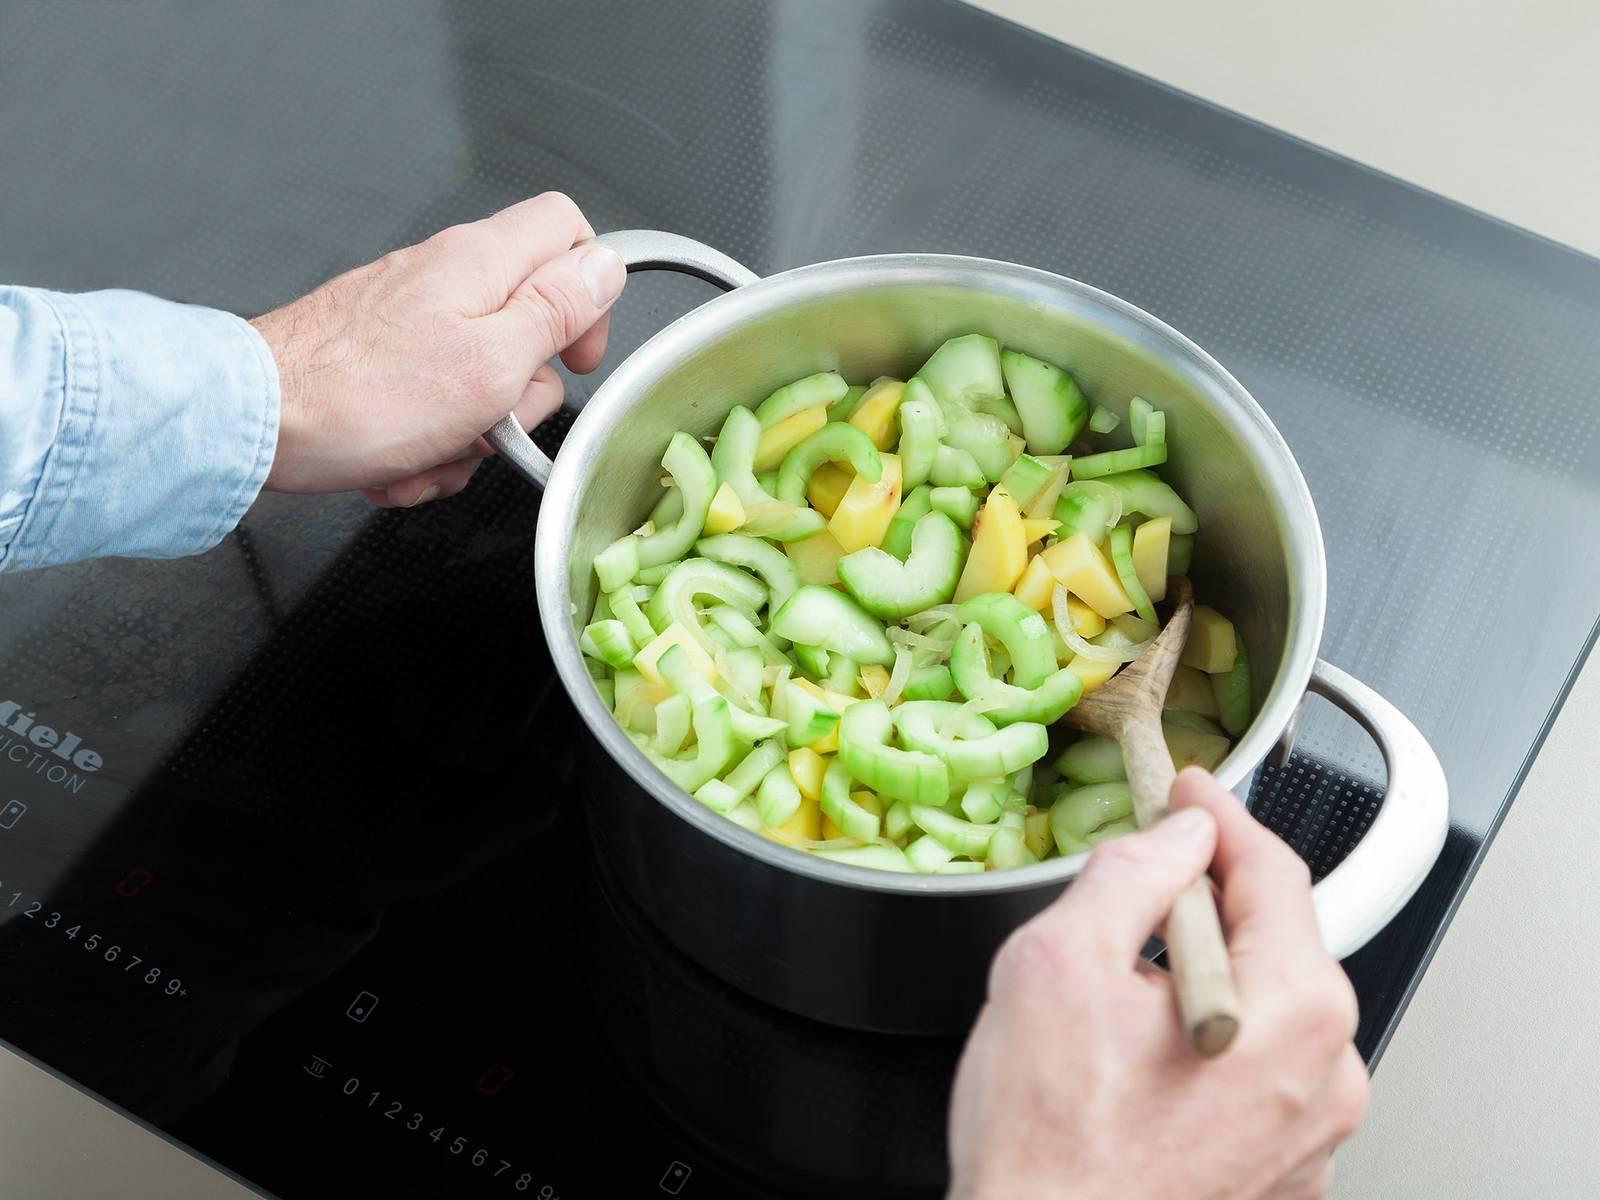 在锅中加热些许植物油,倒入洋葱,翻炒2分钟。放入土豆,炒5分钟。接着倒入黄瓜和些许蔬菜高汤,盖上盖子,再煮10分钟。